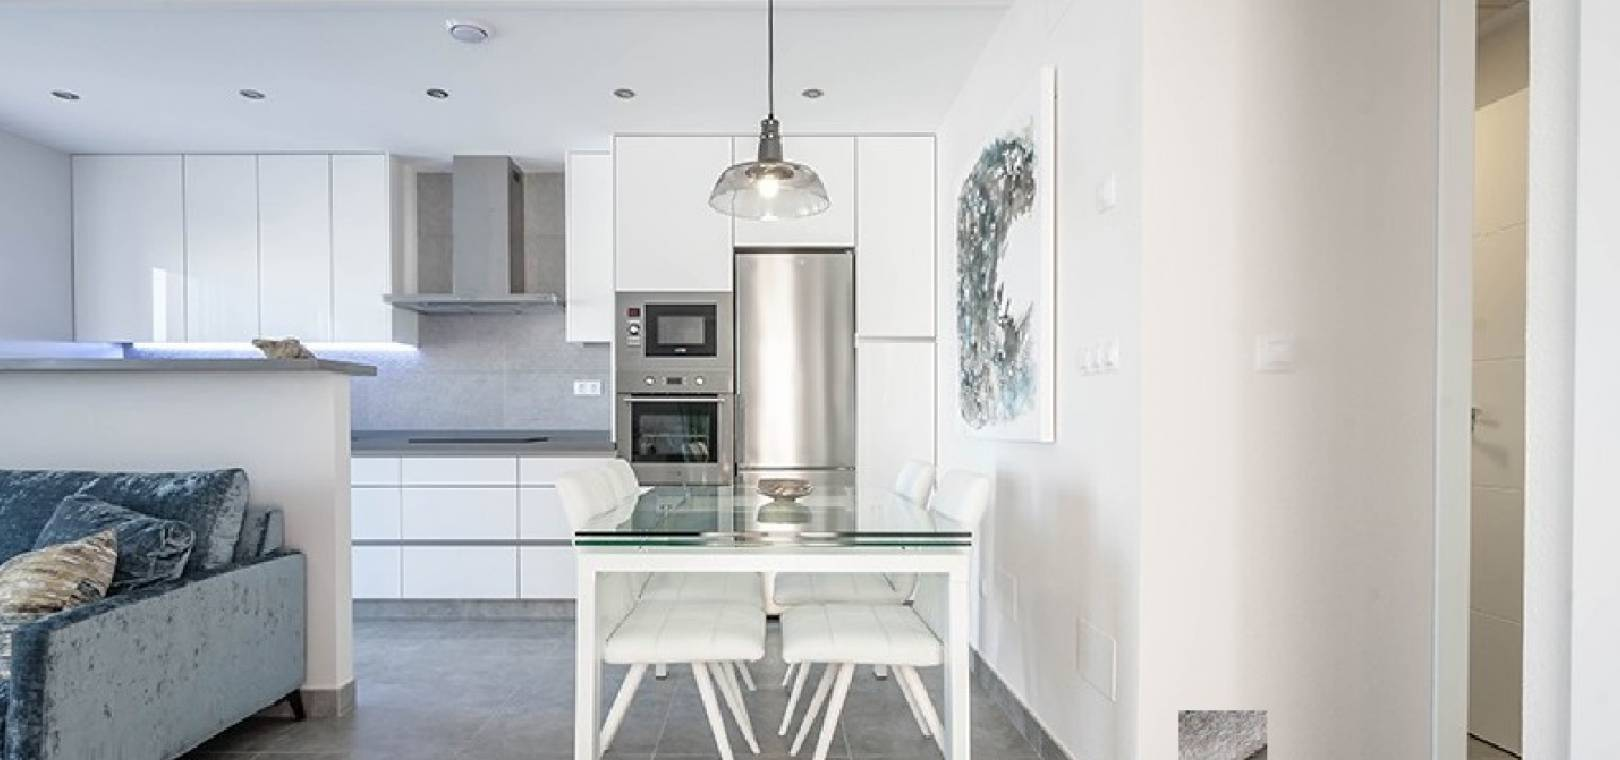 Punta Prima Vista Azul New Build Apartment For Sale 7